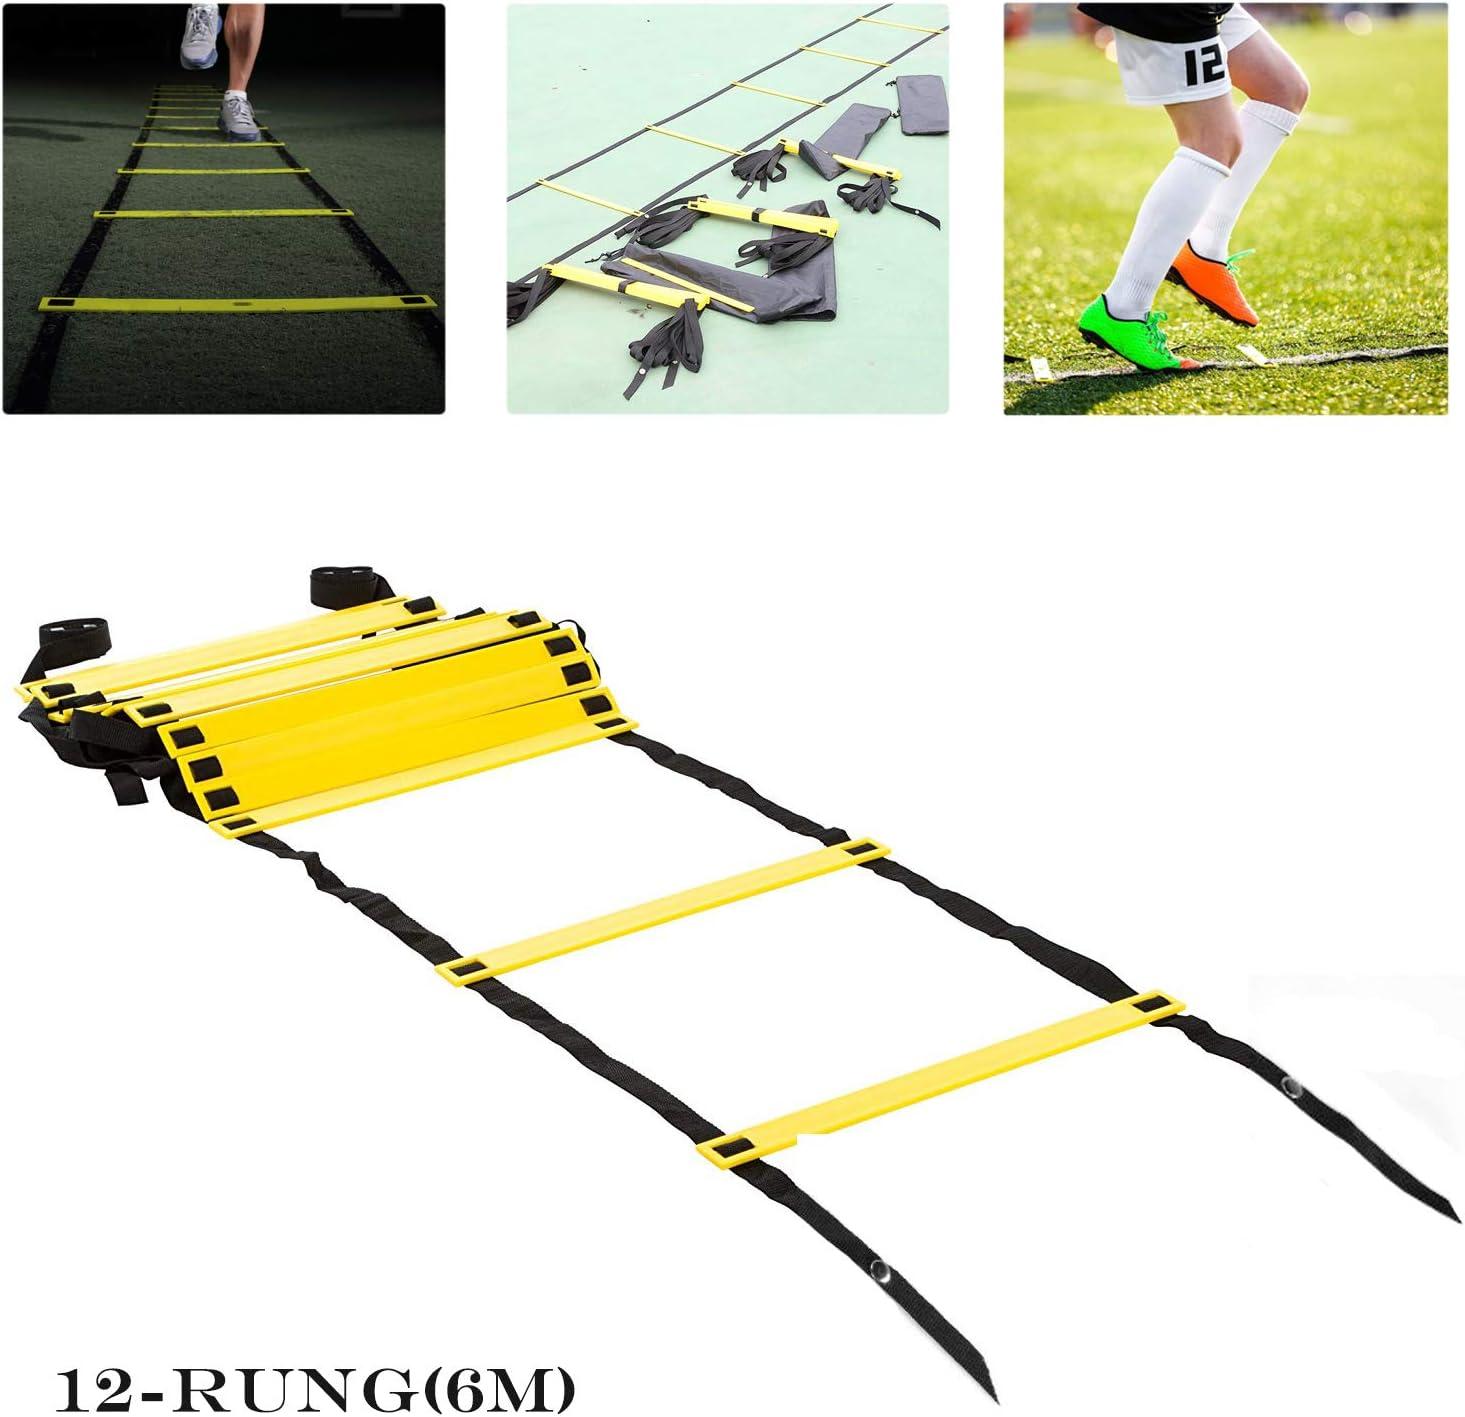 HINATAA Agility Ladder Escalera de Velocidad con Bolsa de Transporte, Escalera de Entrenamiento de Velocidad 6 m SKL12 Escalera de Entrenamiento: Amazon.es: Deportes y aire libre